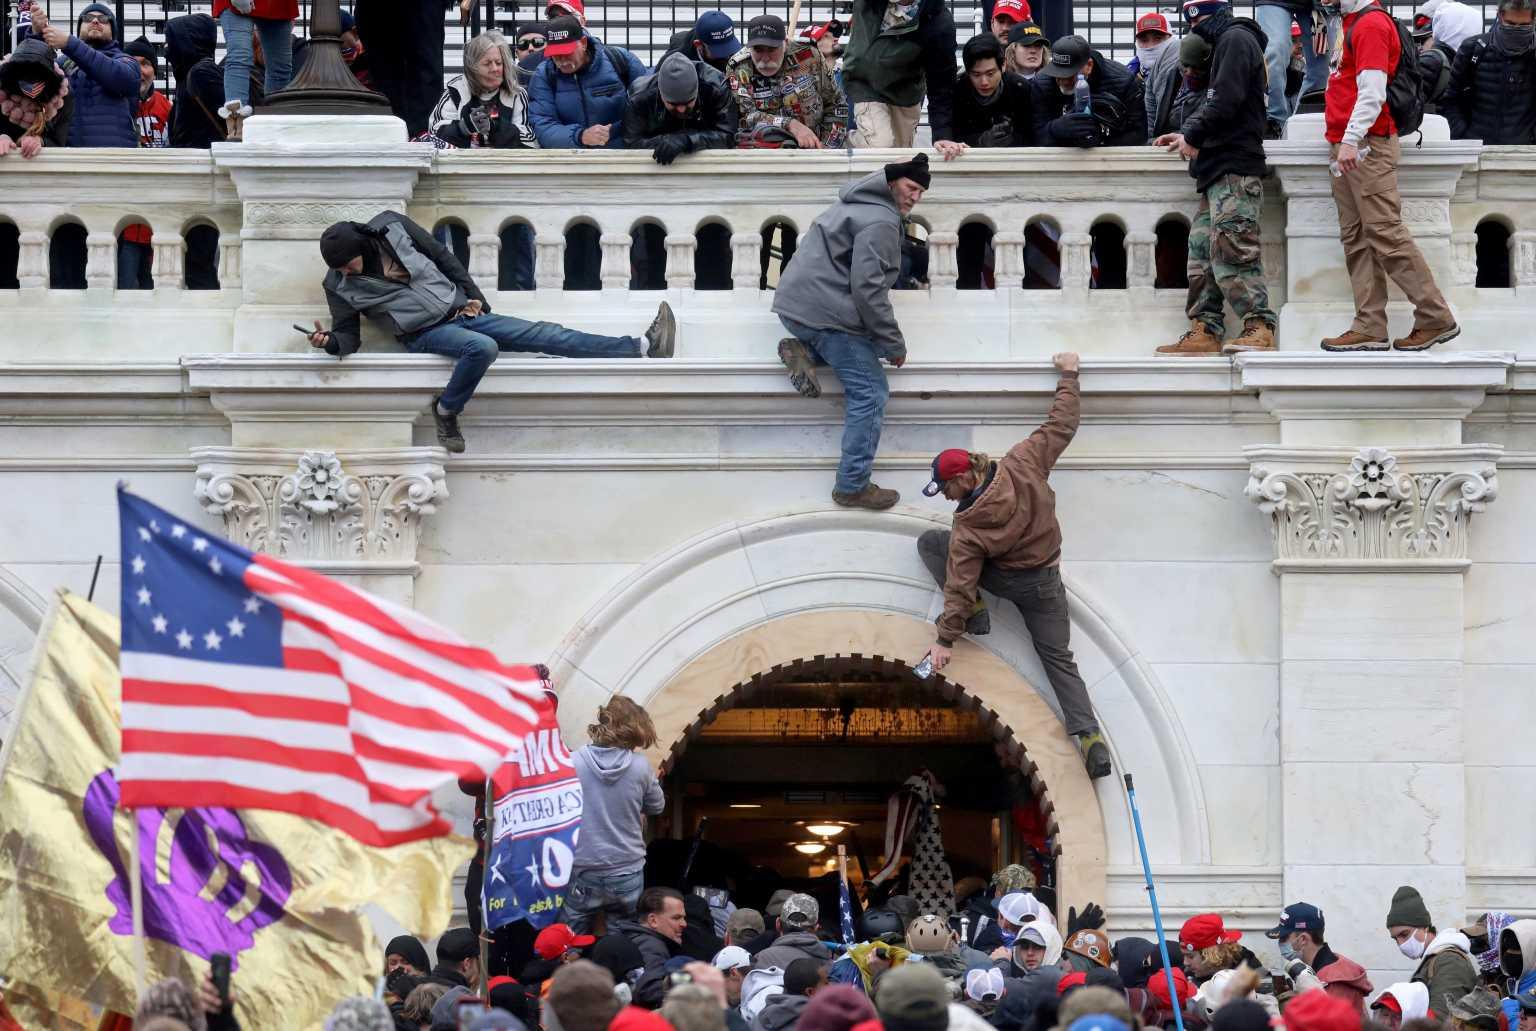 ΗΠΑ: Συνελήφθη Τεξανός ταραξίας του Καπιτωλίου – Κατηγορείται ότι απειλούσε να σκοτώσει Δημοκρατική βουλευτή